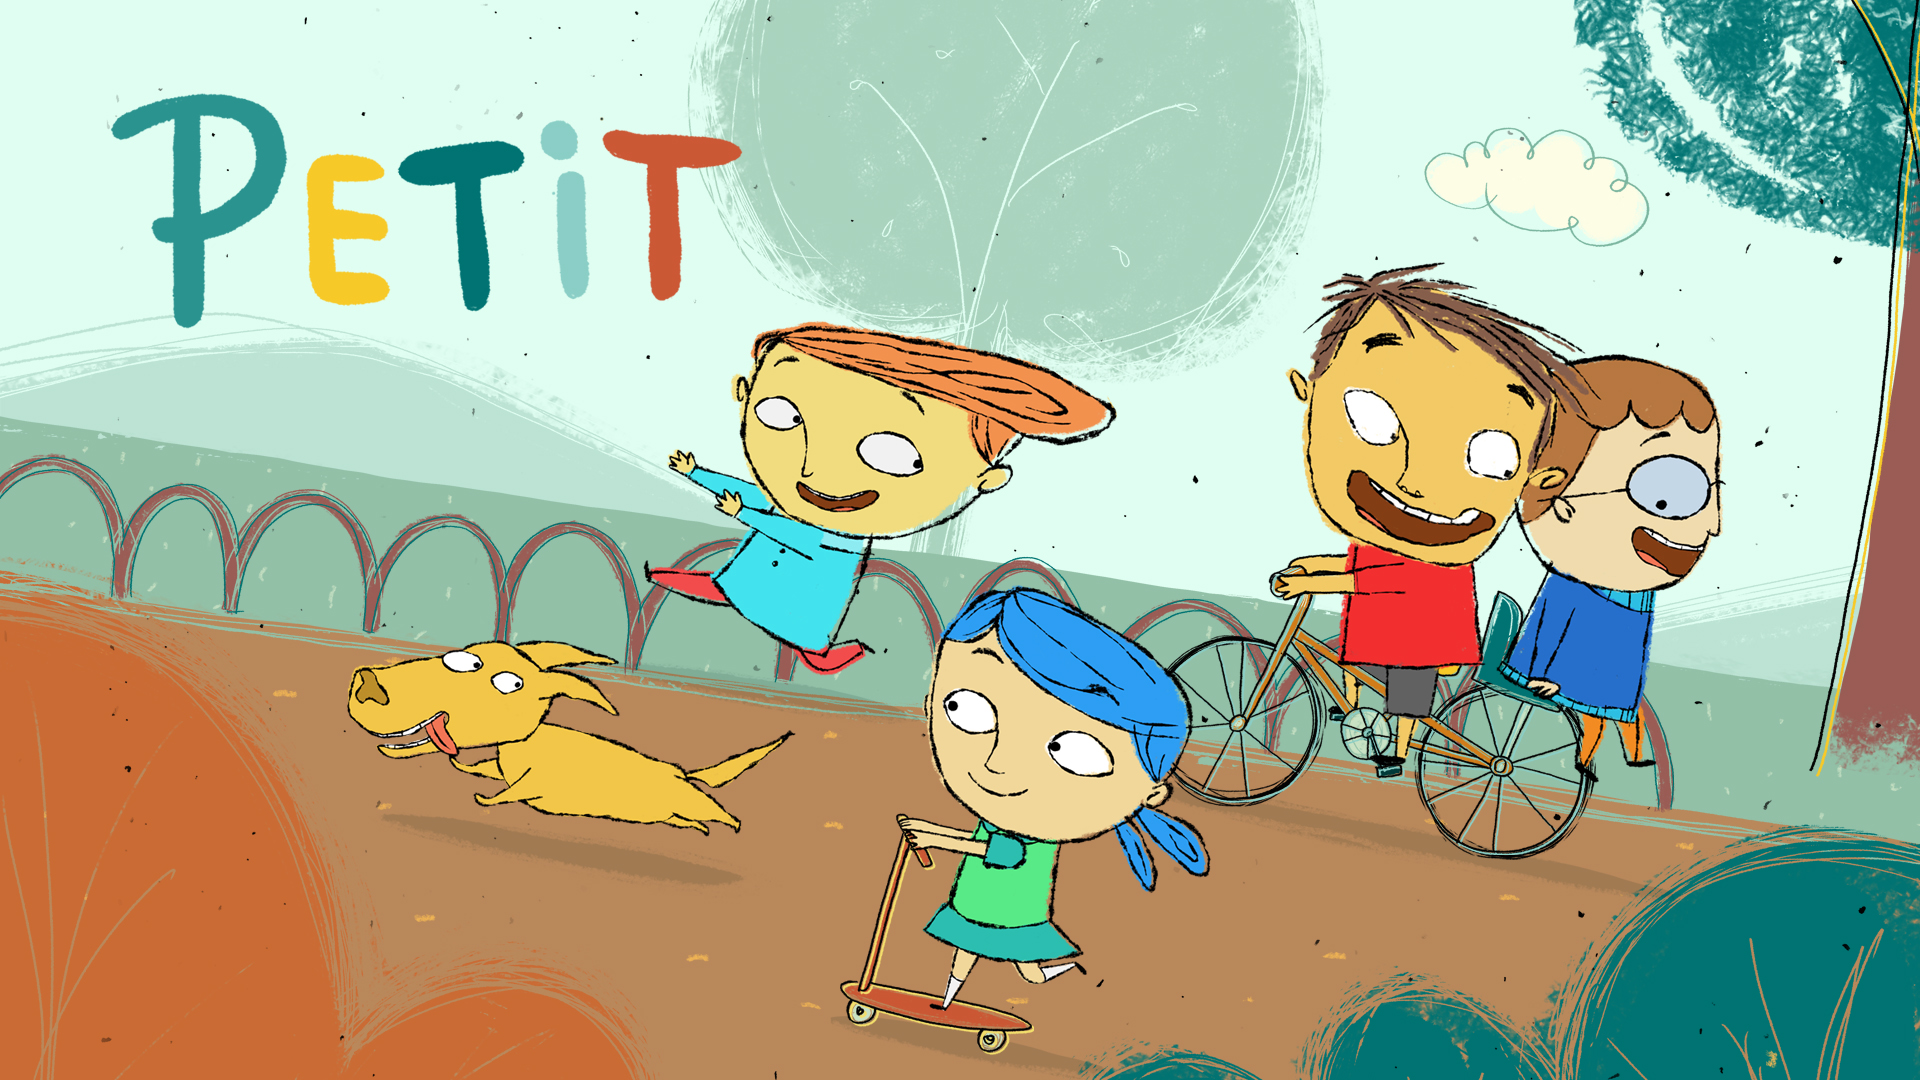 los personajes de la serie petit juegan en un patio de juegos